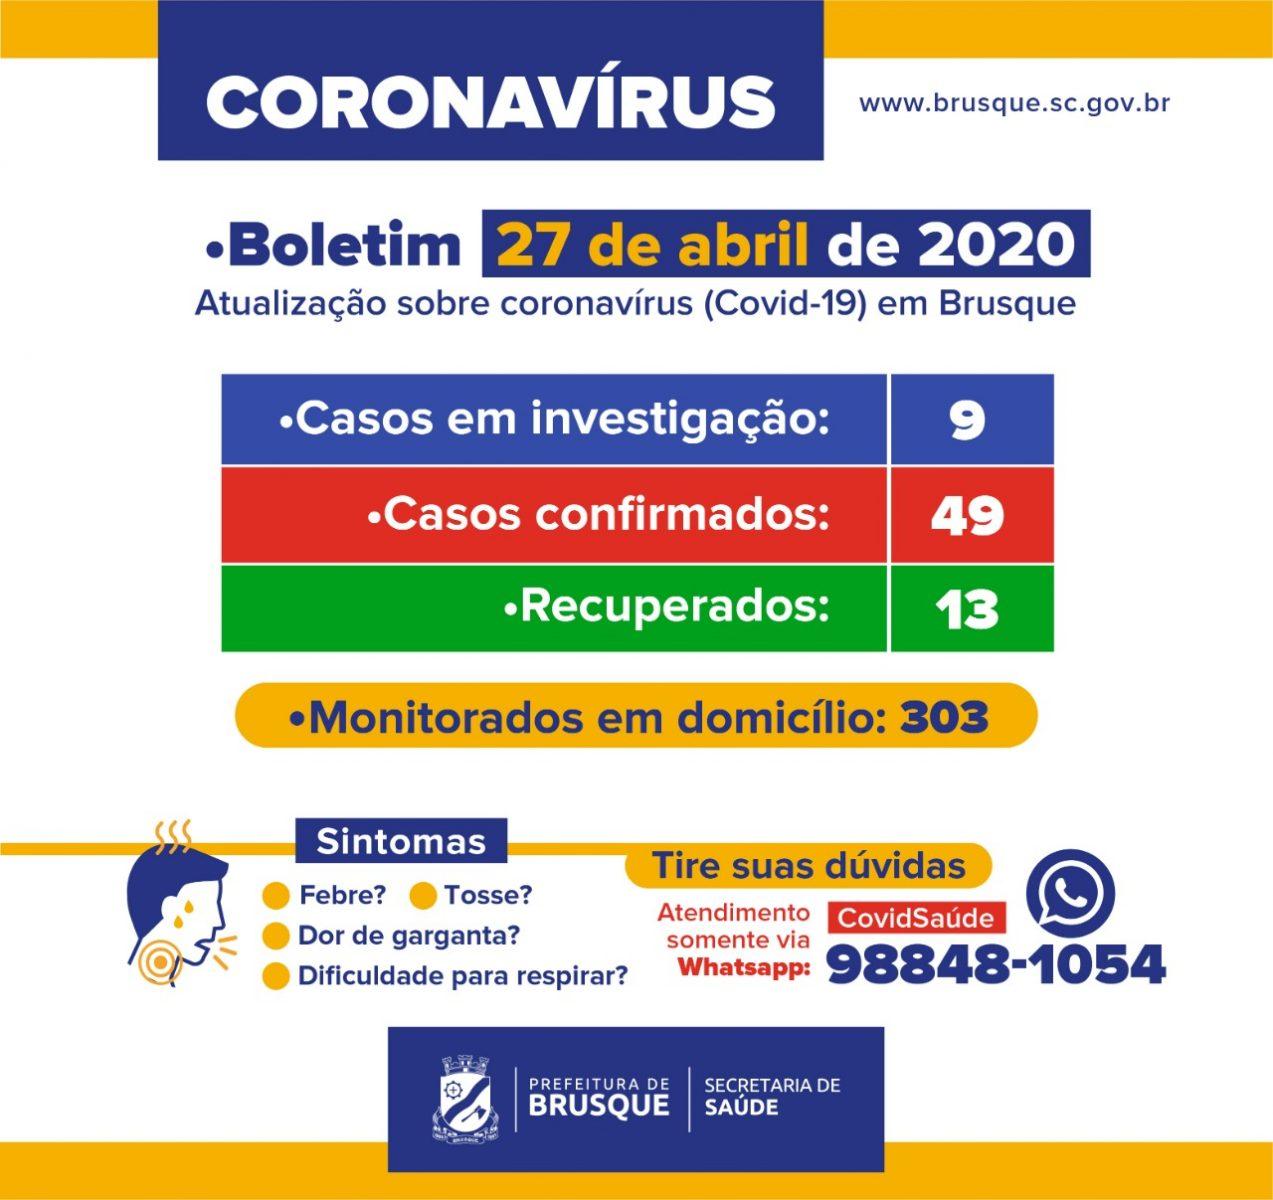 Brusque registra mais um caso de Coronavírus. Números agora chegam a 49